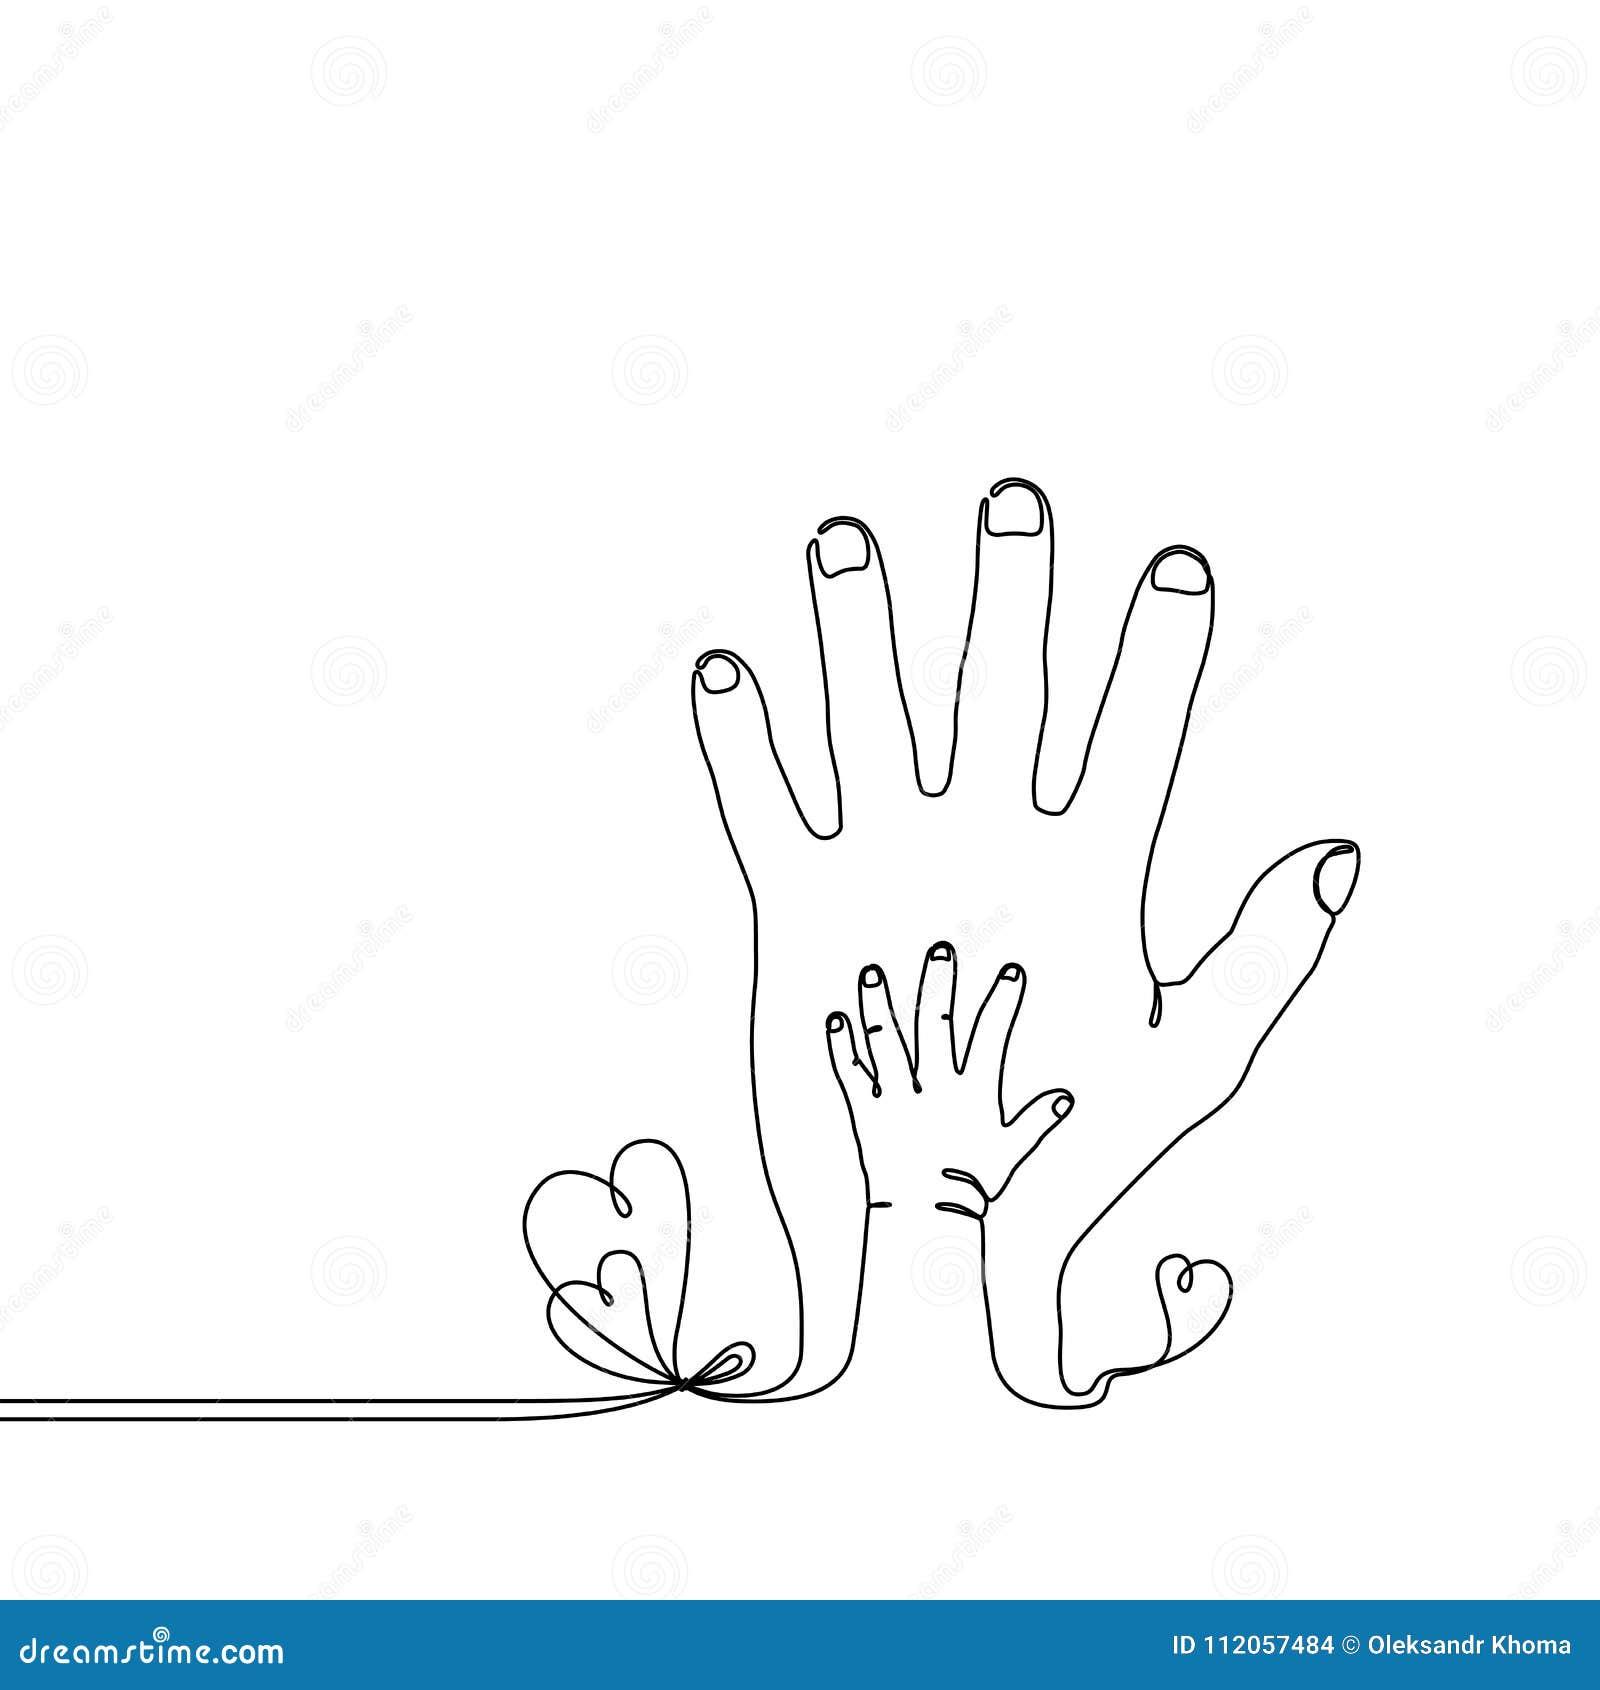 Dessin au trait continu d 39 une main d 39 enfant de b b sur la - Dessin main enfant ...